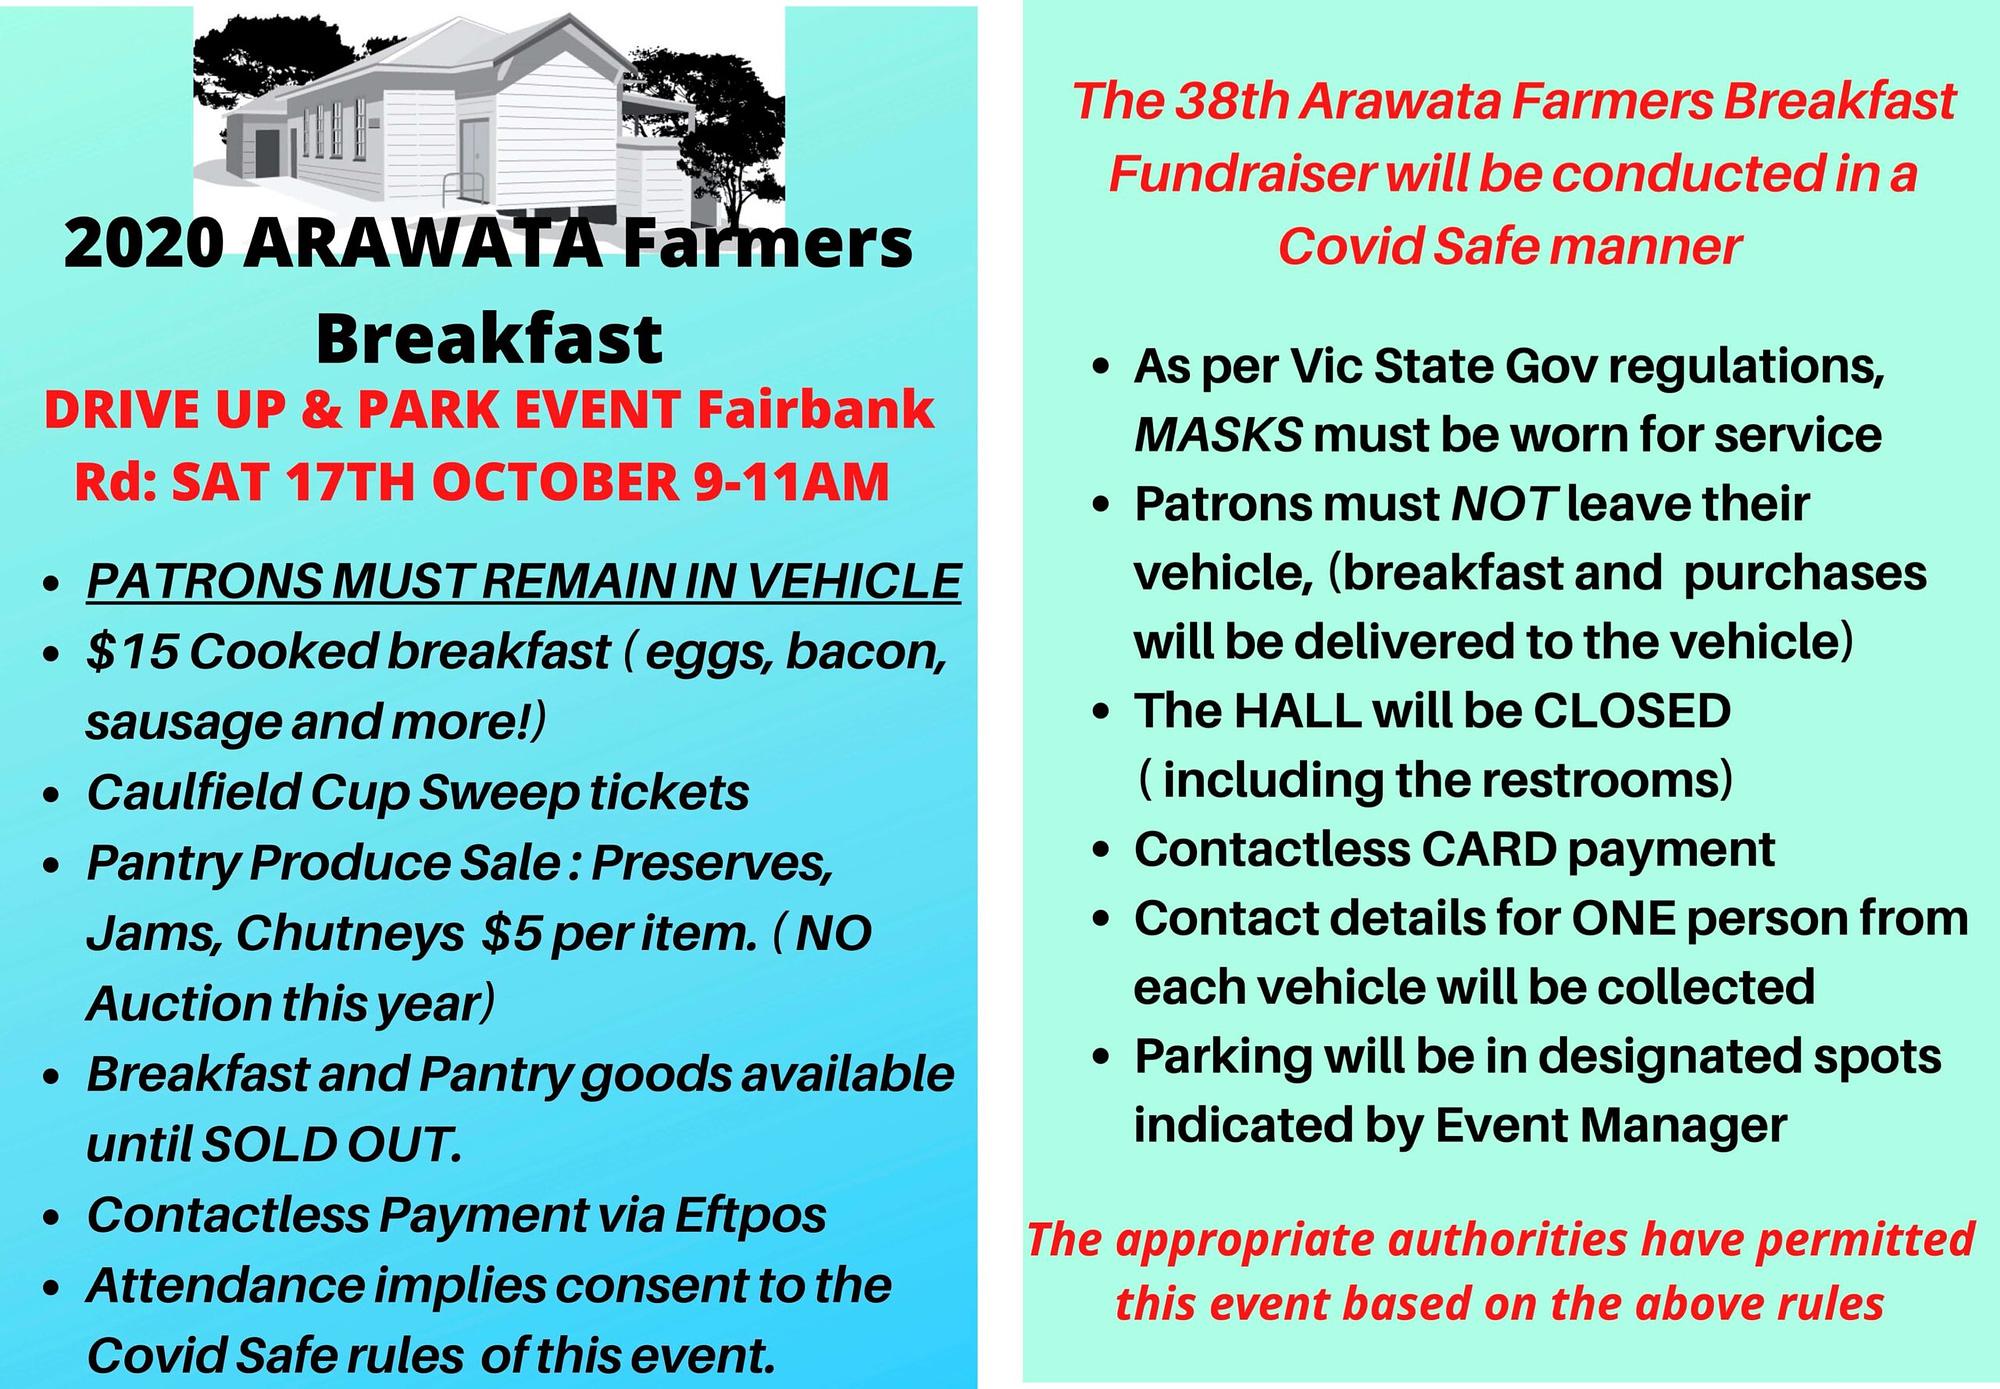 Arawat Breakfast scaled